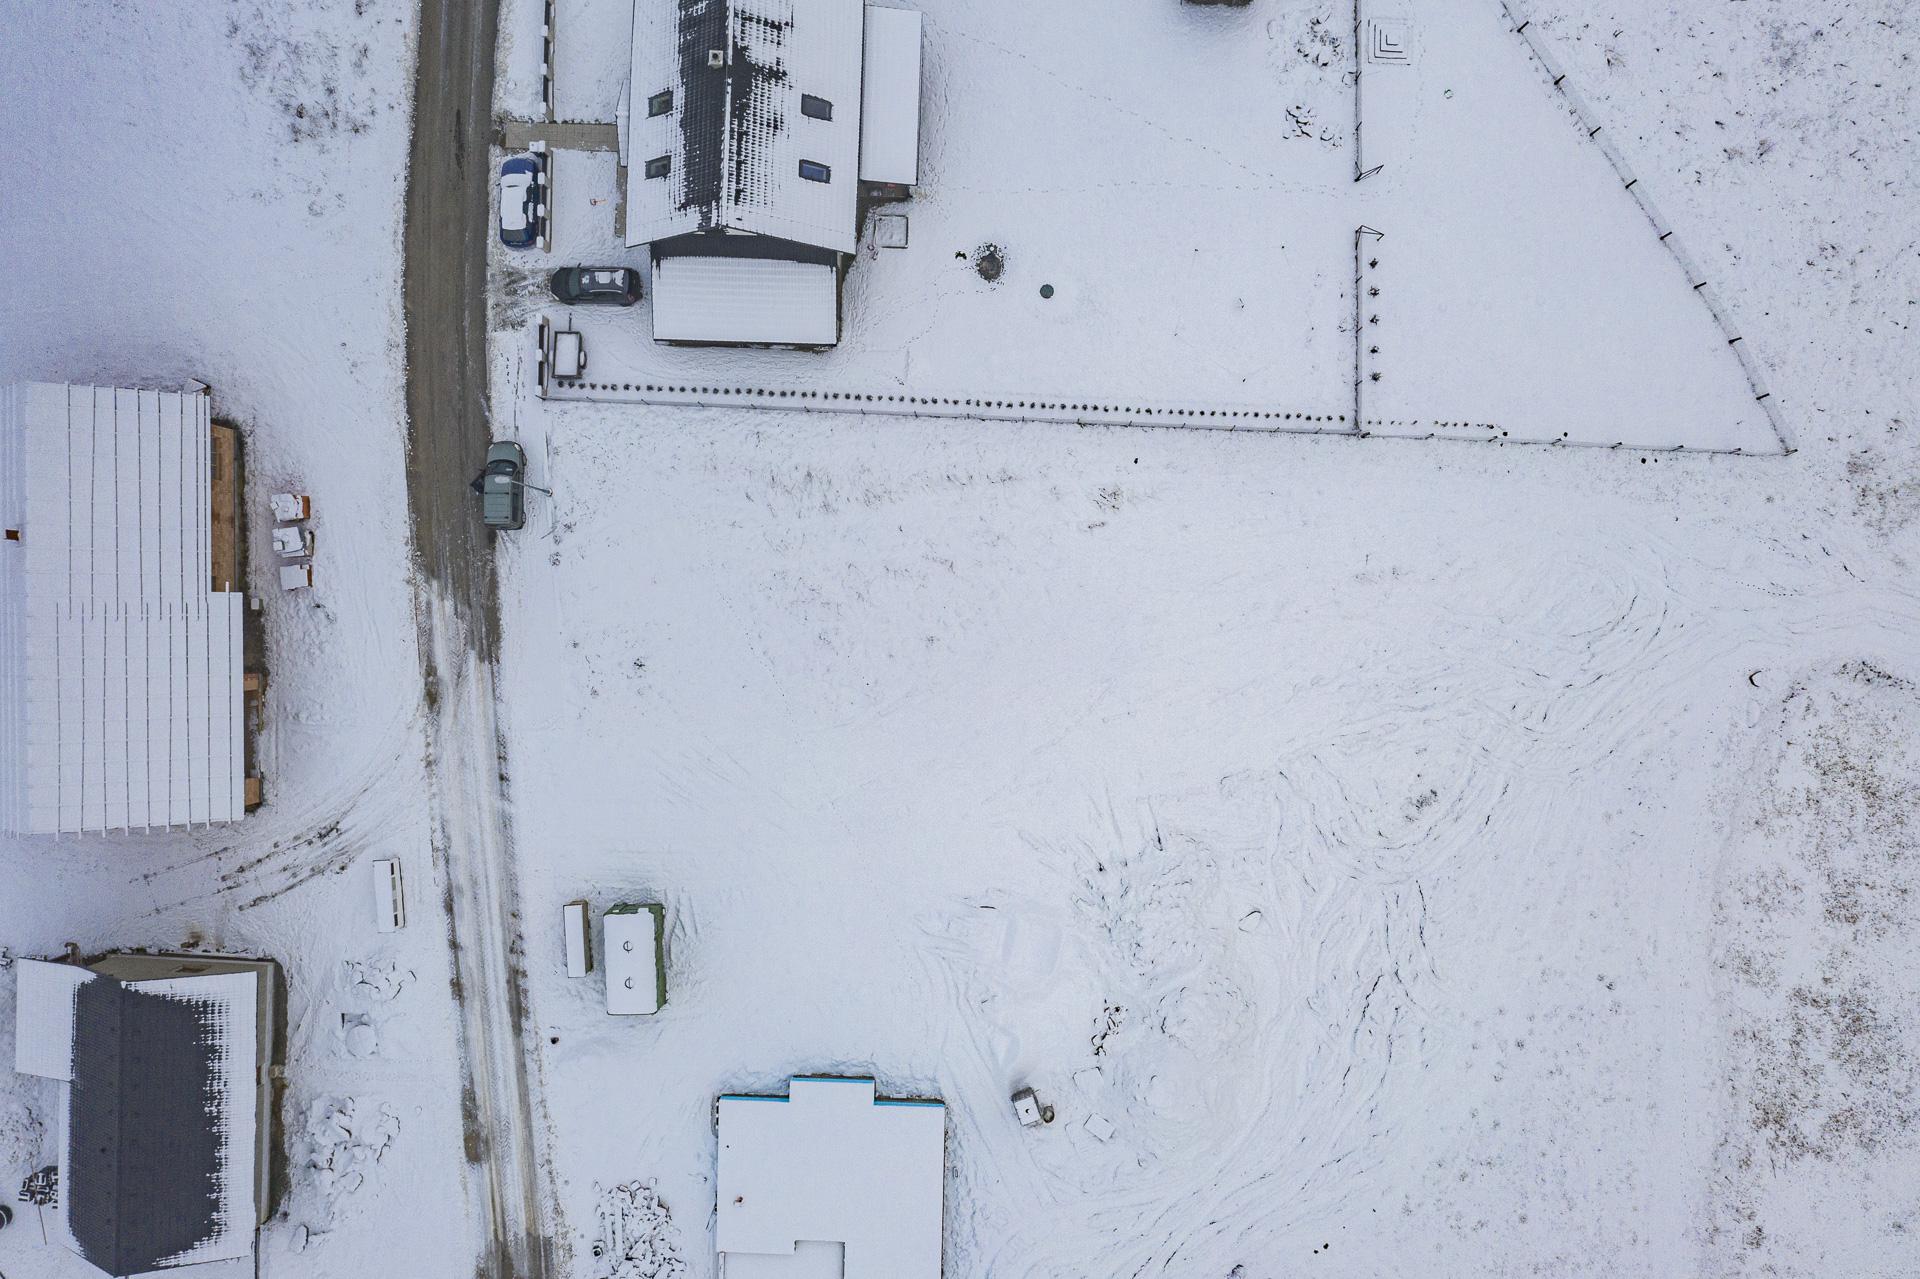 Stavebni pozemek na prodej Hlinsko zaber z dronu